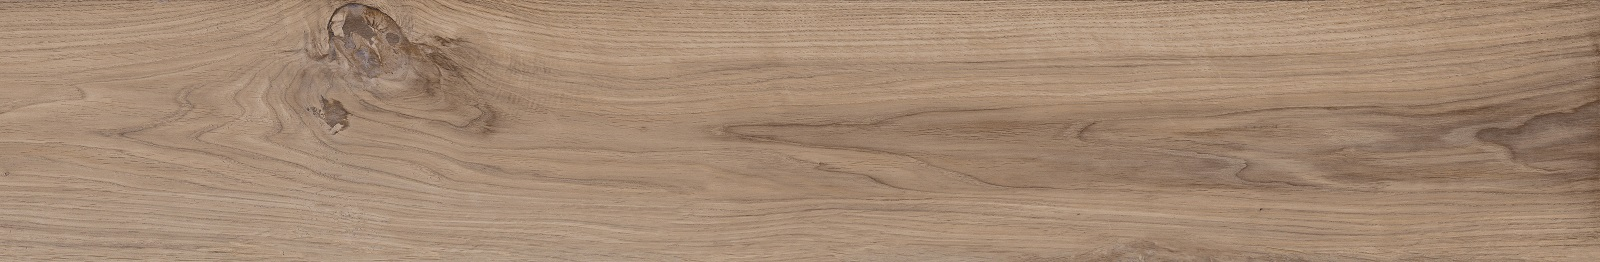 Плитка Allwood Beige (zzxwu3r) изображение 4